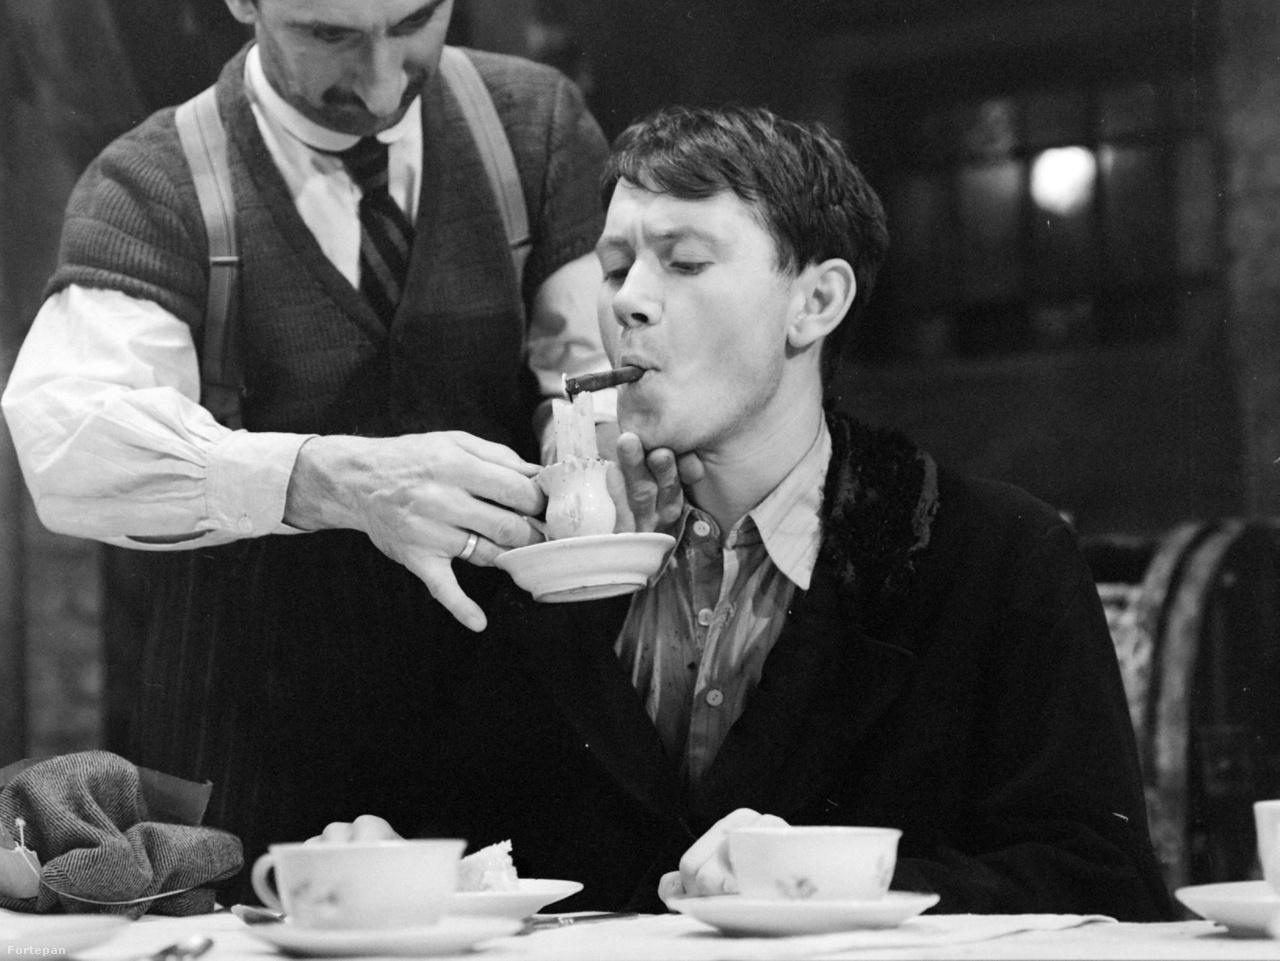 Ács János, később legendás színházi rendező 24 évesen Színes, a jobbösszekötő szerepében.